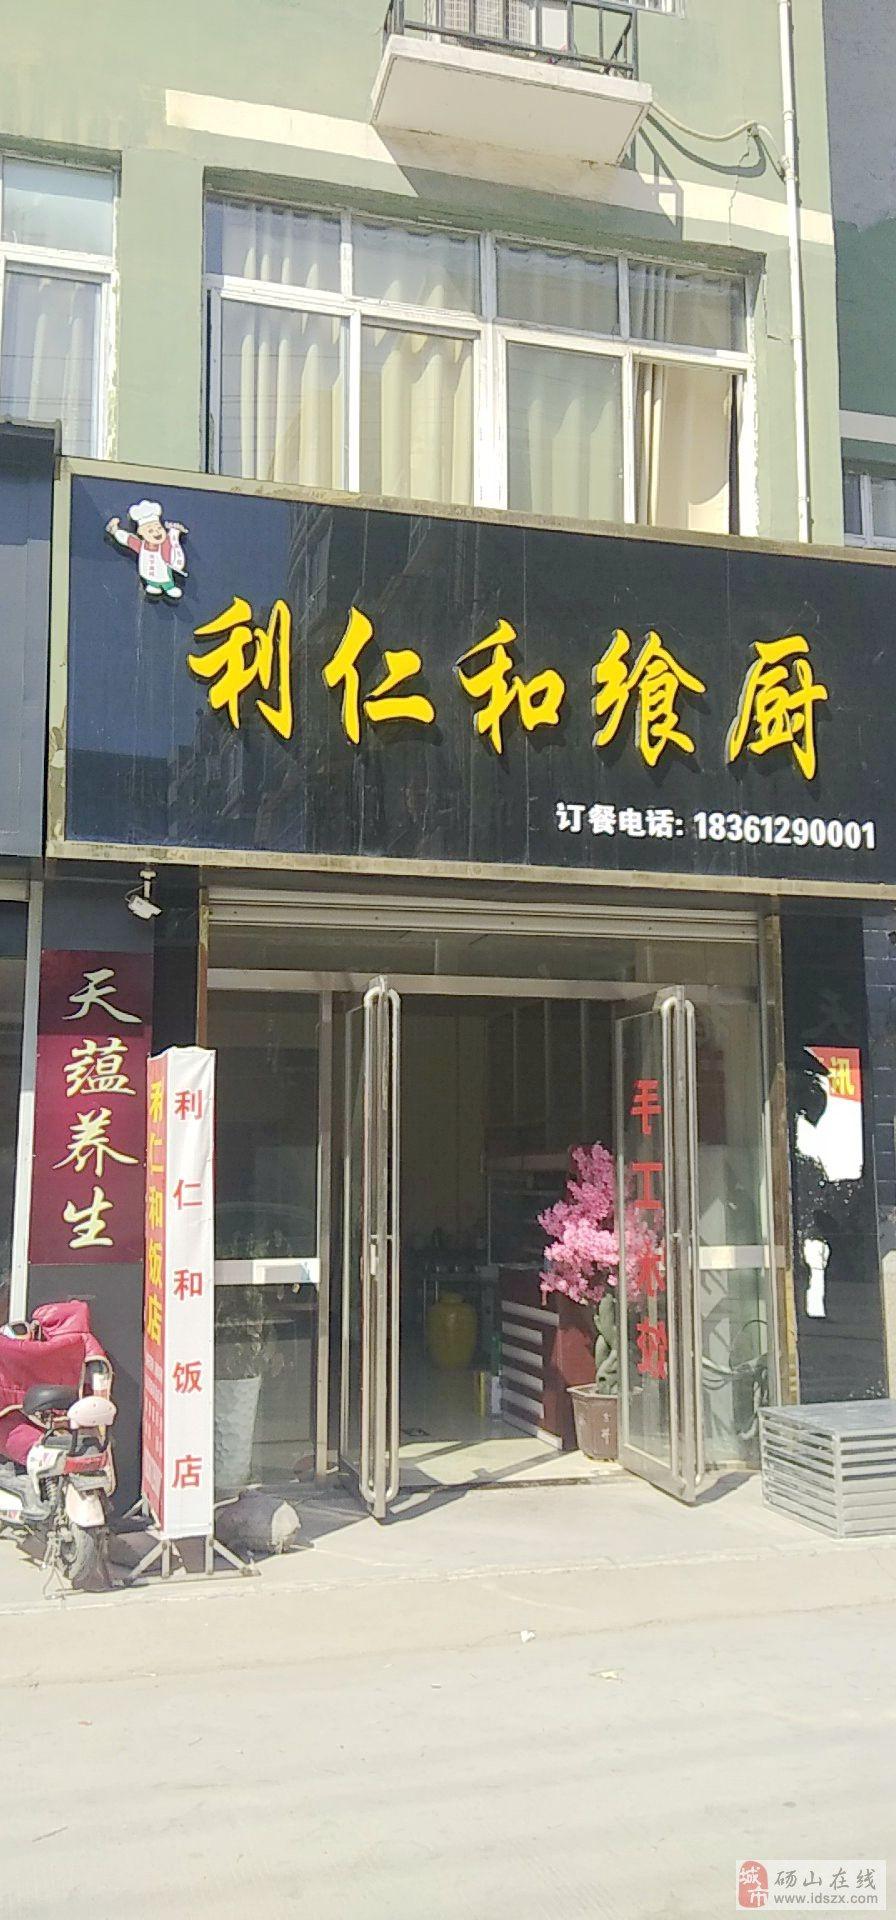 梨都华庭东南角两层精装房营业中饭店含税急售